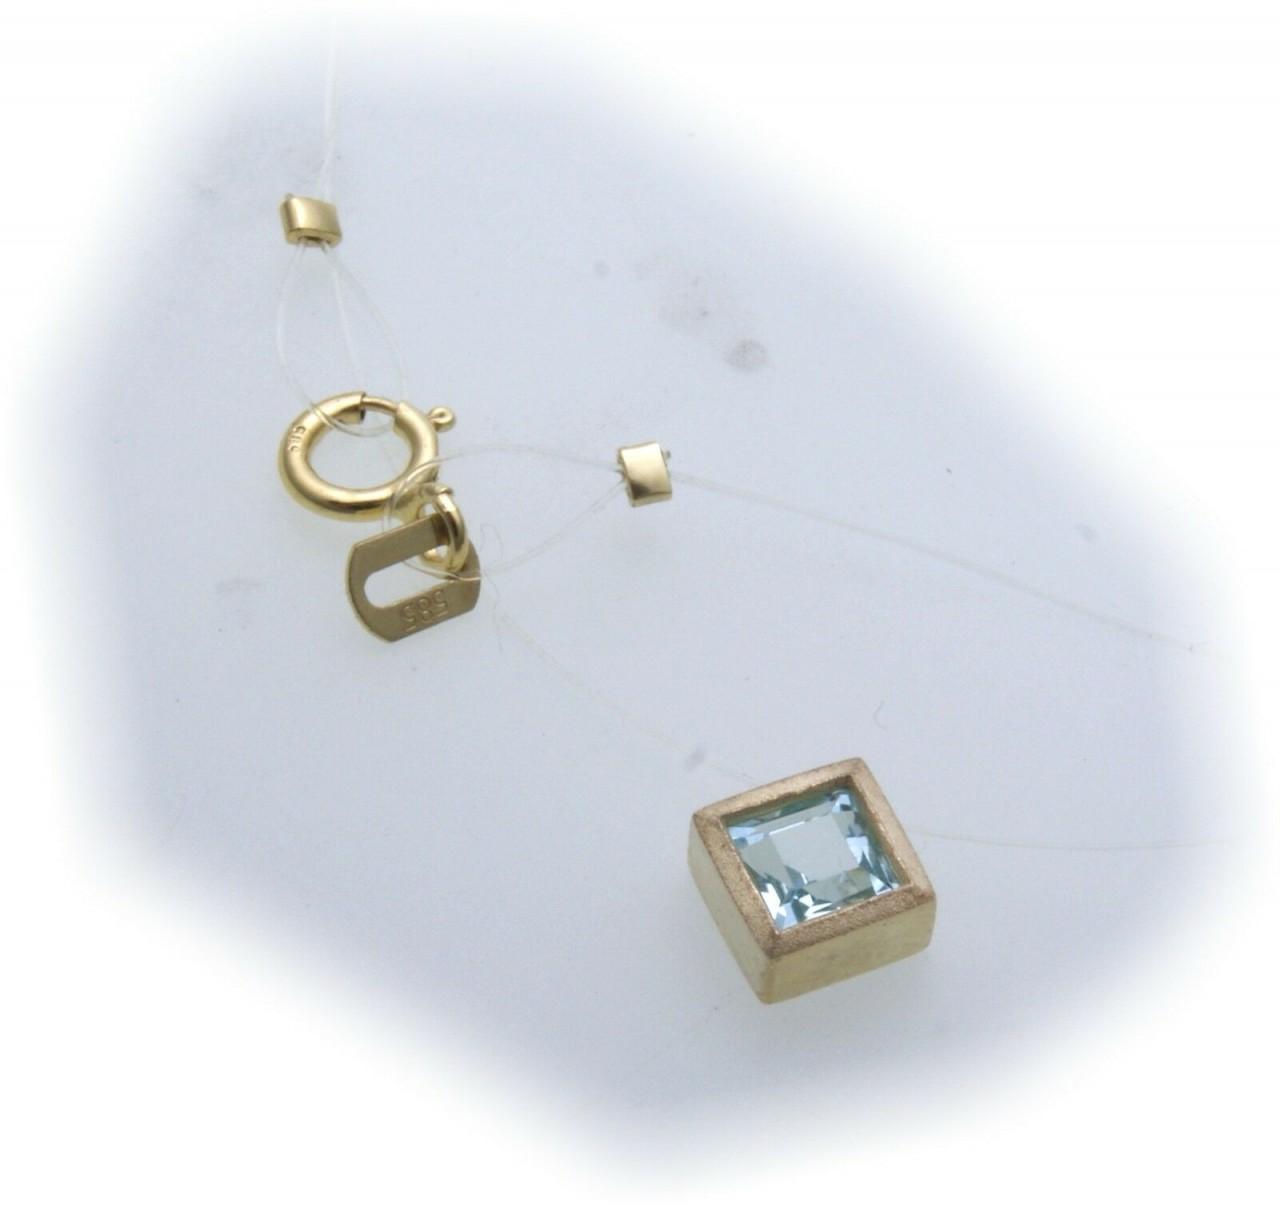 Damen Collier echt Topas 585 Gold Nylonkette Nyloncollier Blautopas Gelbgold Neu